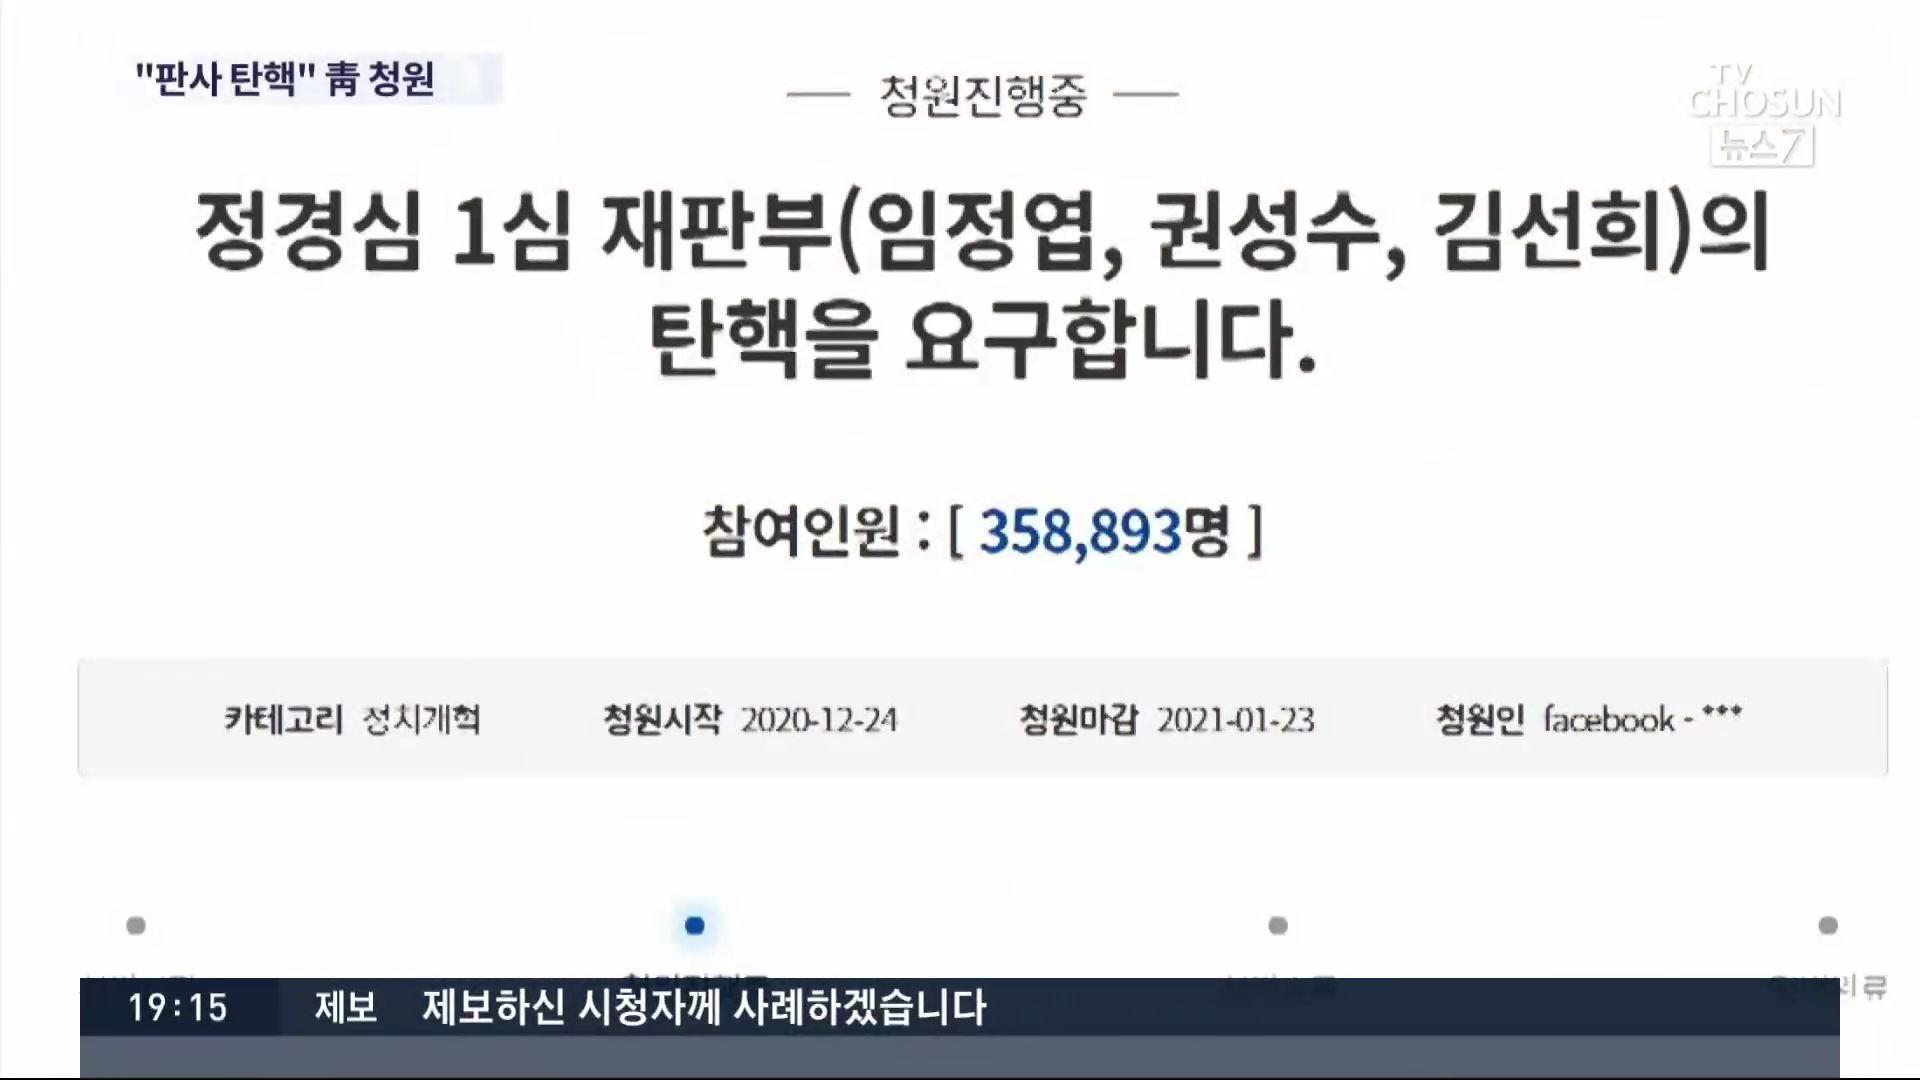 도 넘은 재판부 공격…판사탄핵 청원에 사진 유포까지